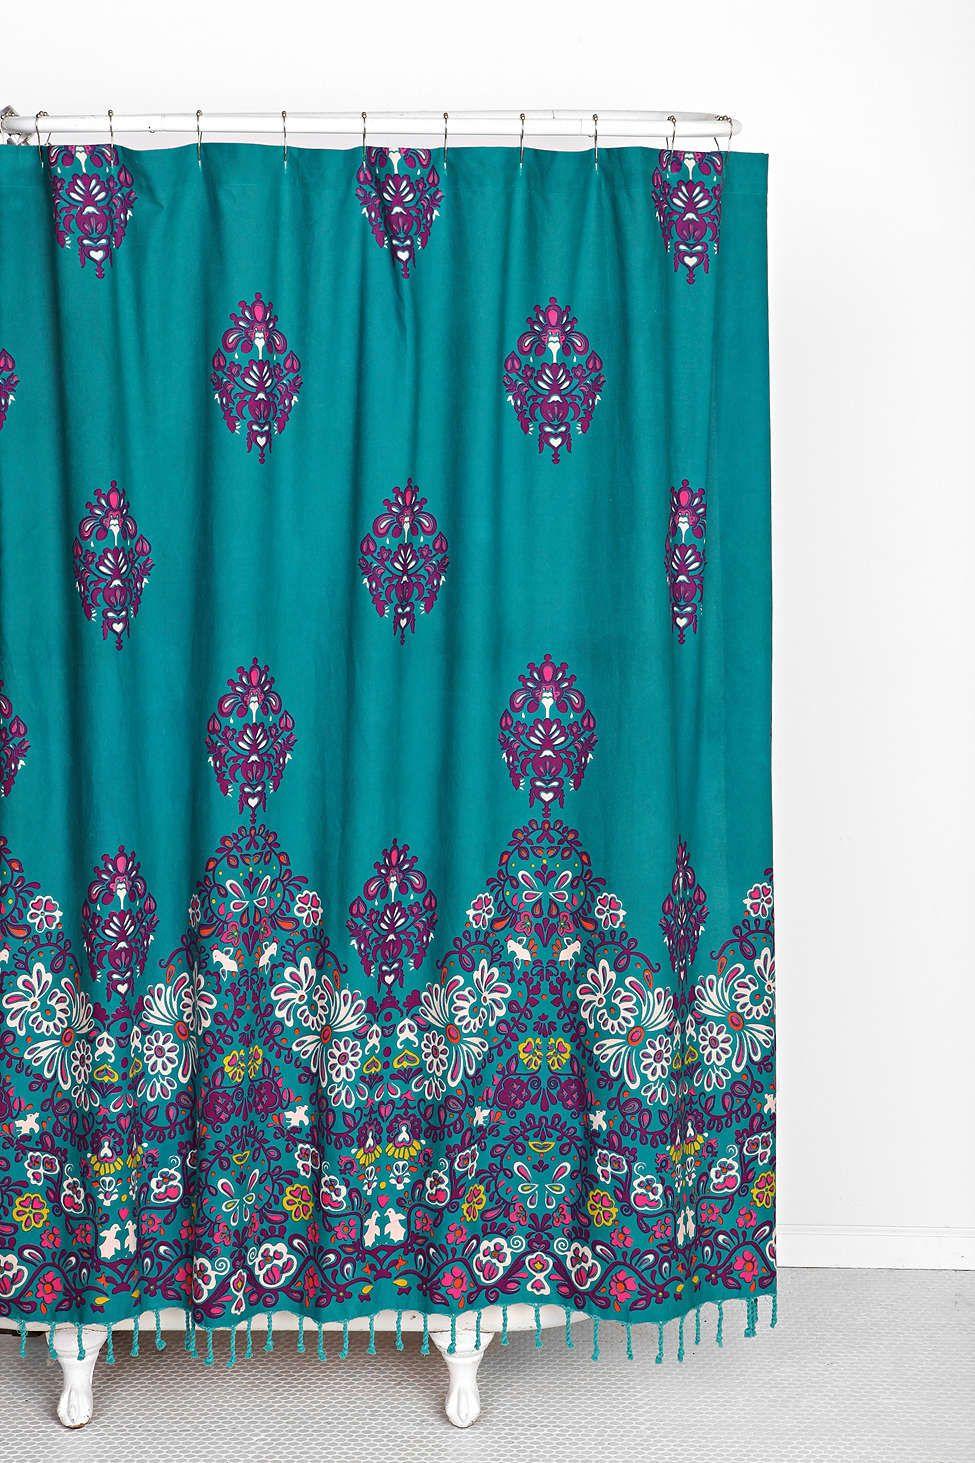 Peacock Shower Curtain Ideas